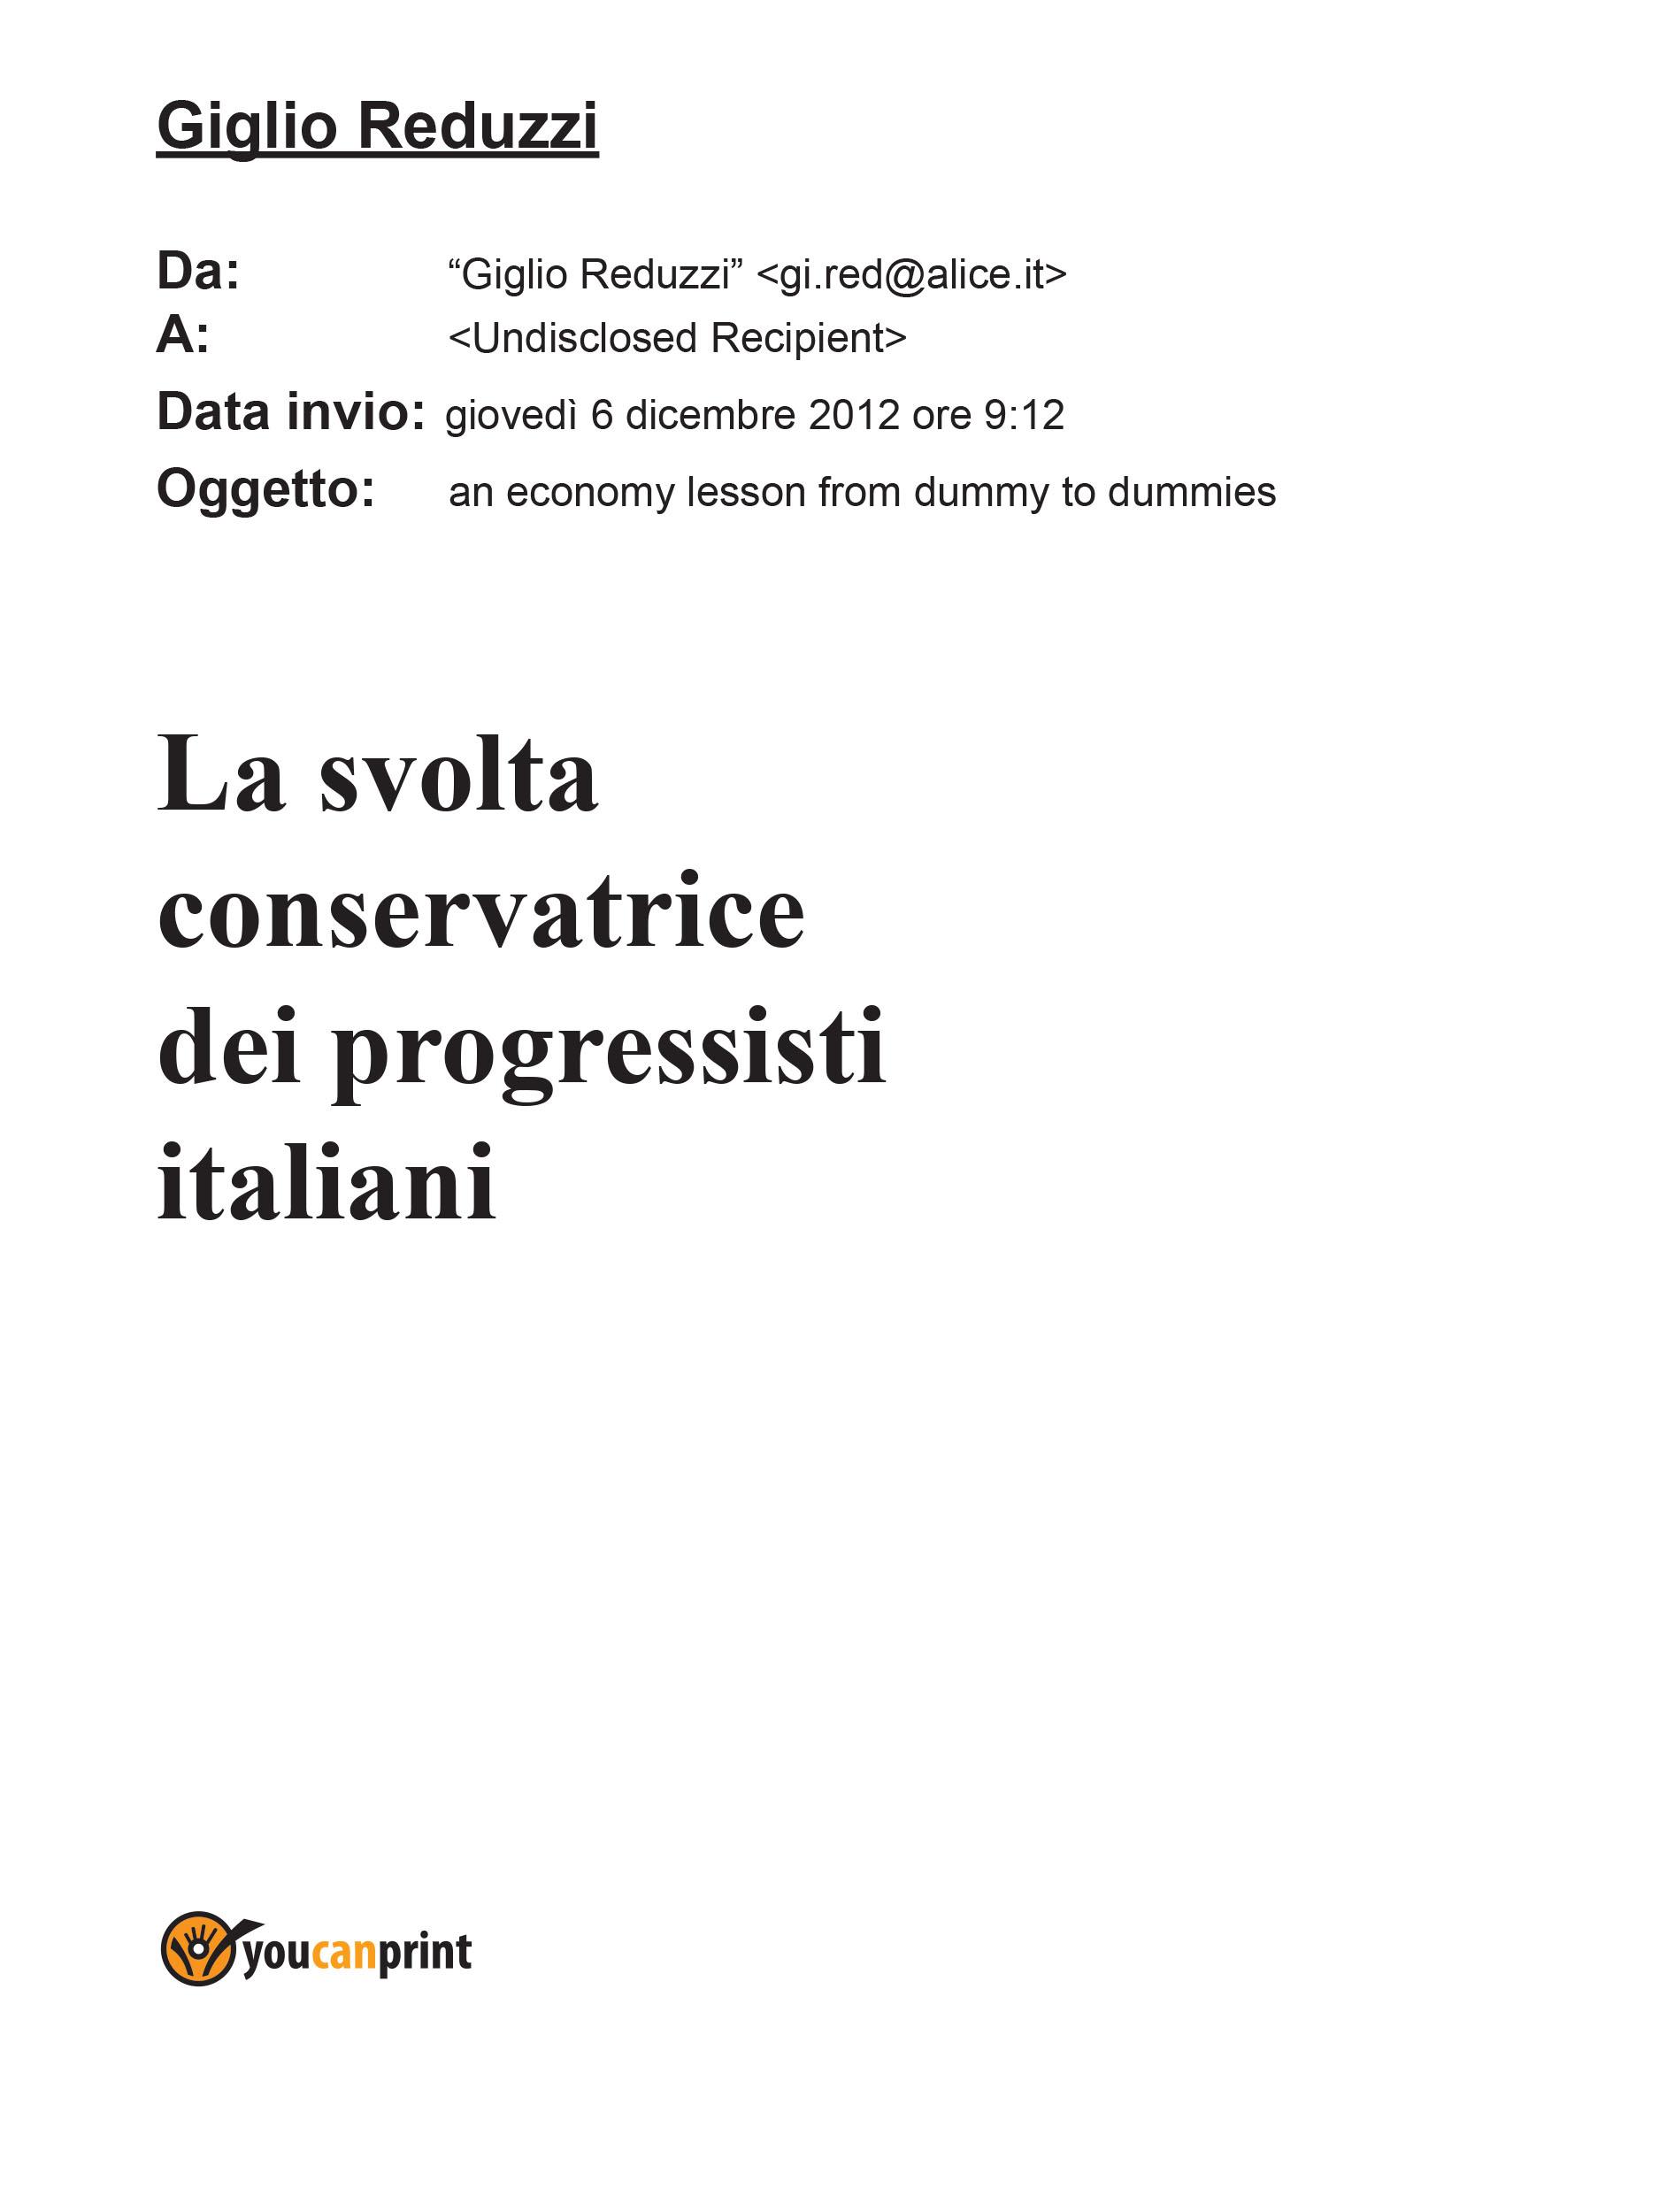 La svolta conservatrice dei progressisti italiani